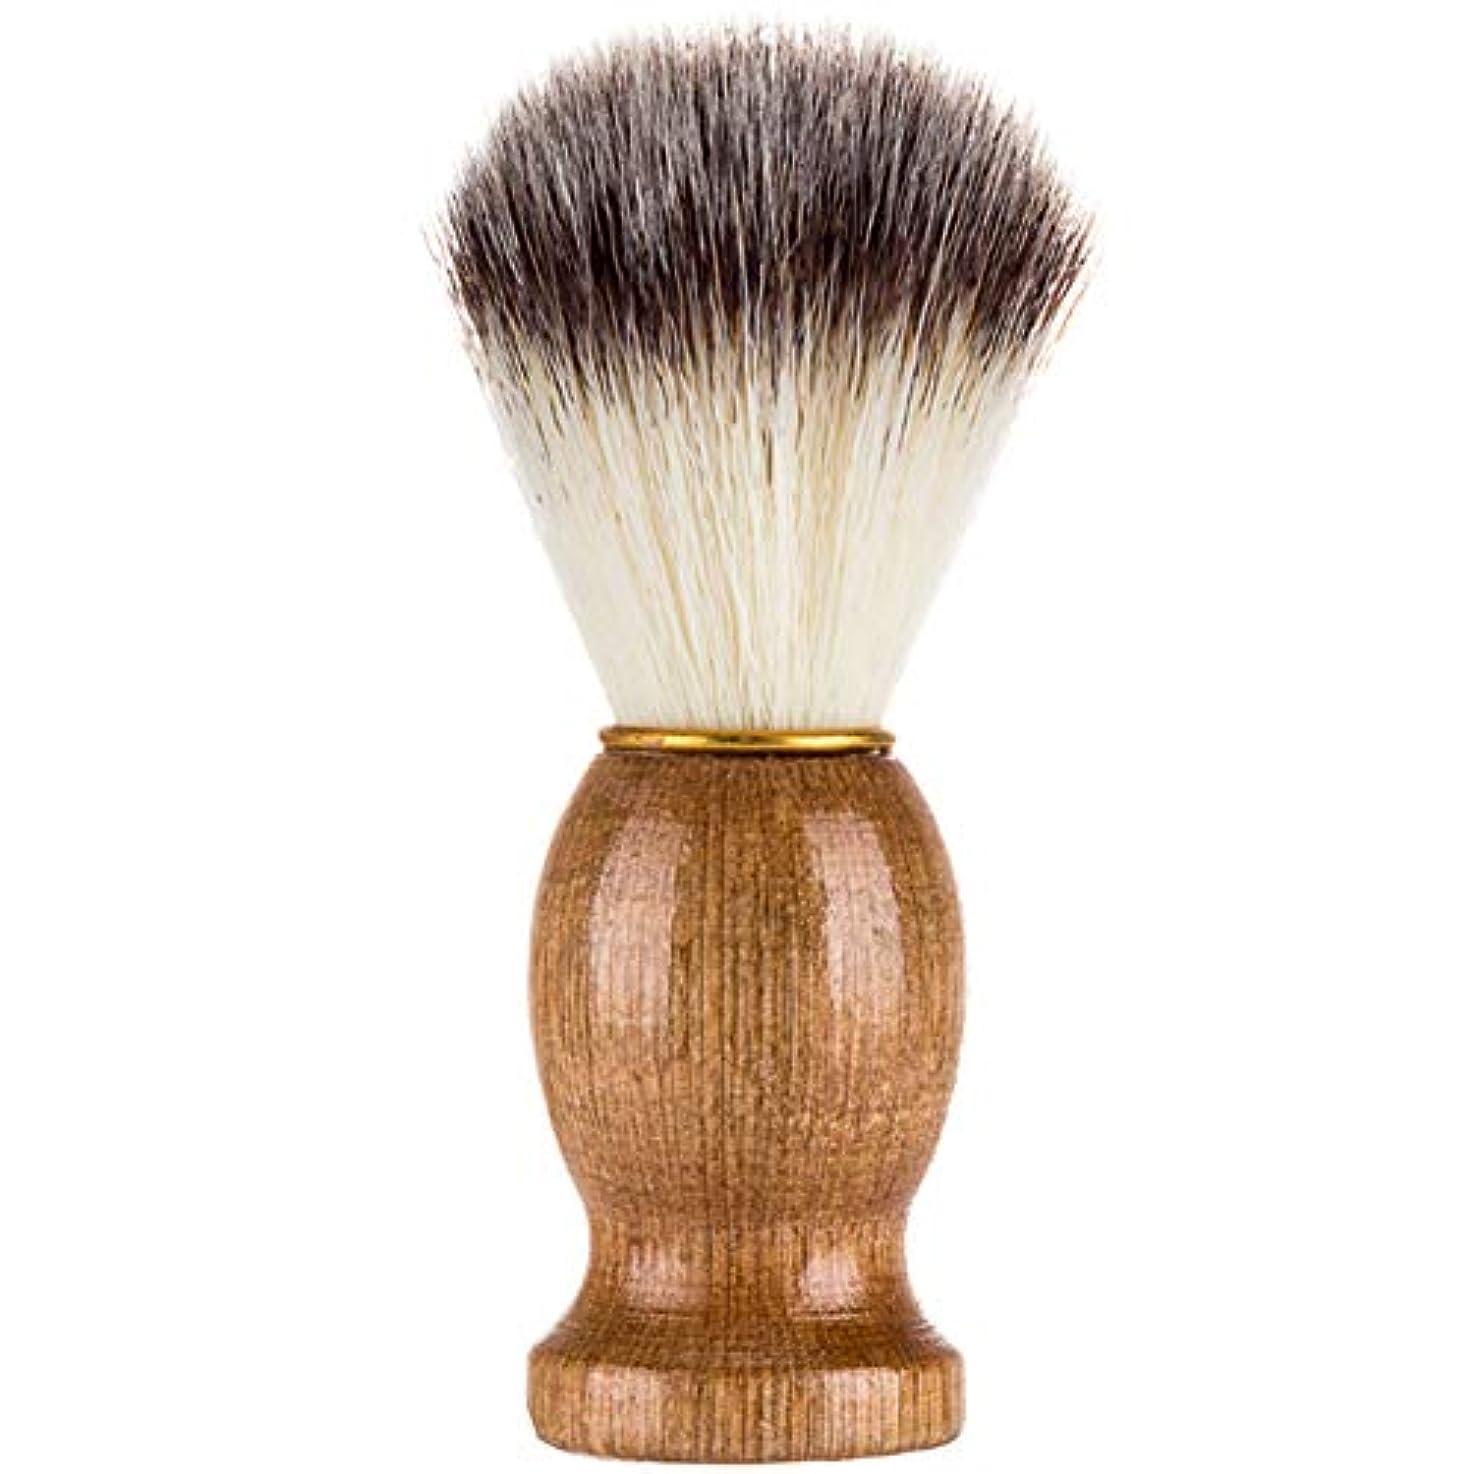 ジャンピングジャック症状急流Aylincool シェービングブラシ、シェービングブラシ、男性シェービングブラシシェービングかみそりブラシサロン理髪店用ツールひげ剃り用品